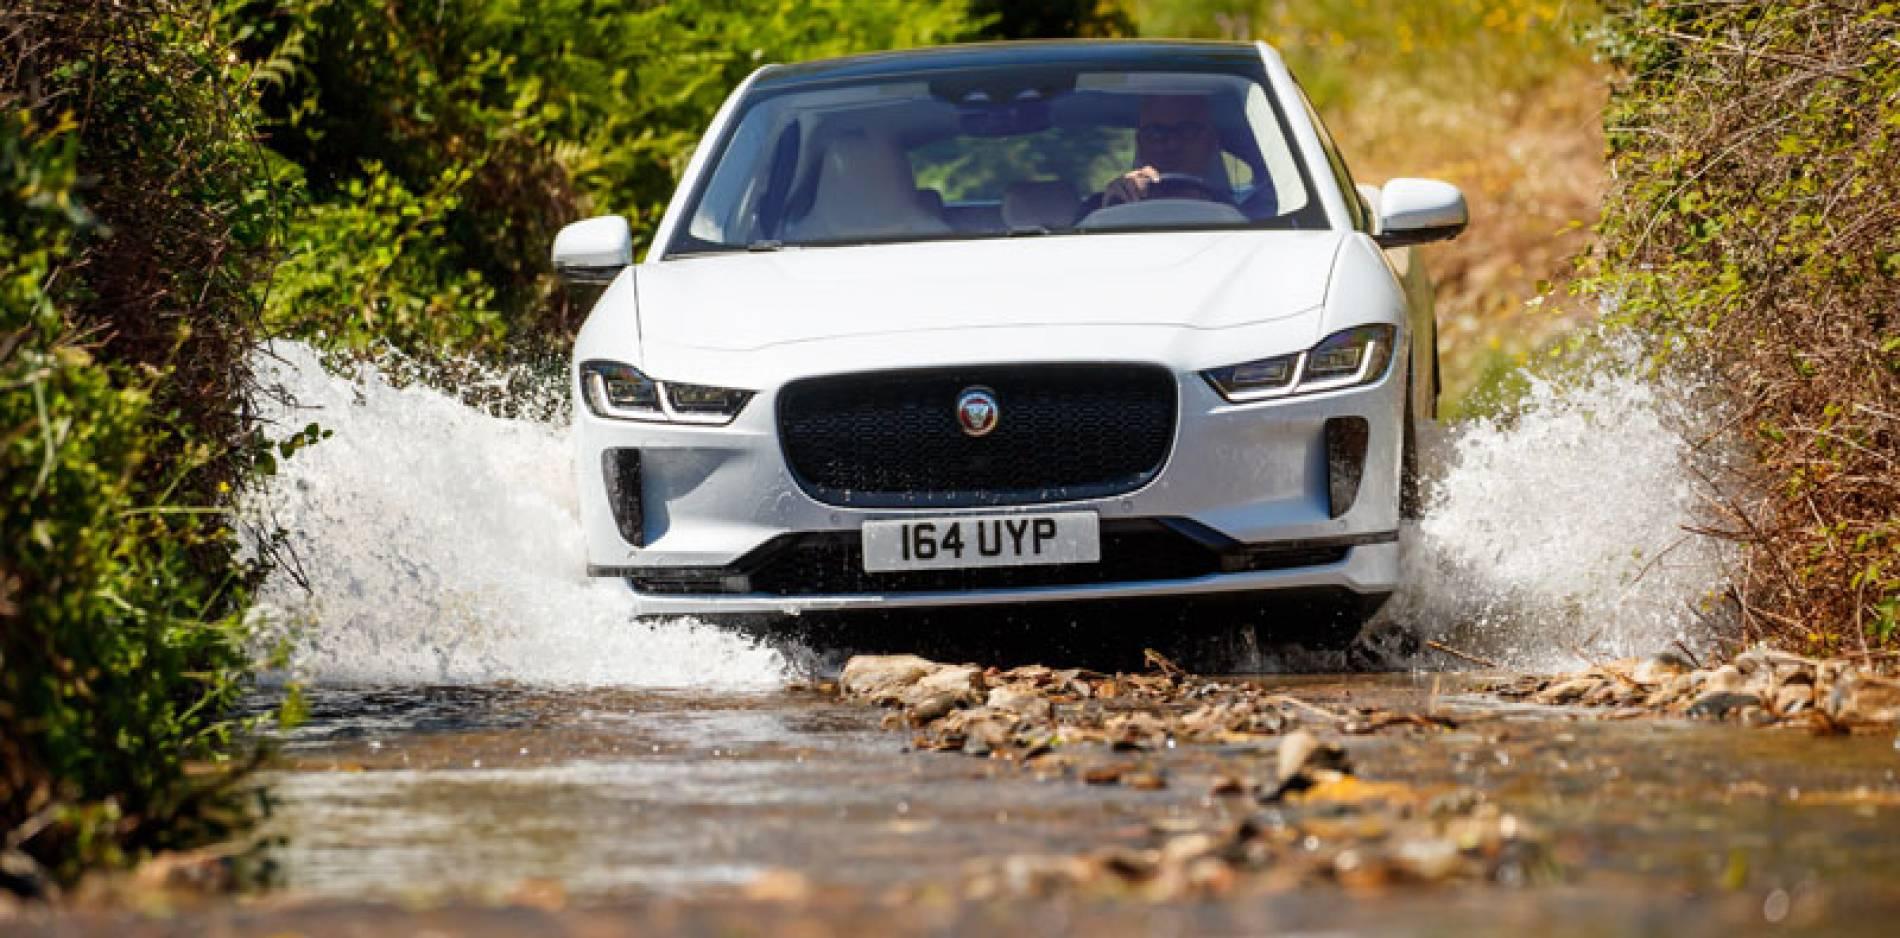 Prueba del Jaguar I-PACE: al volante del primer coche eléctrico de Jaguar